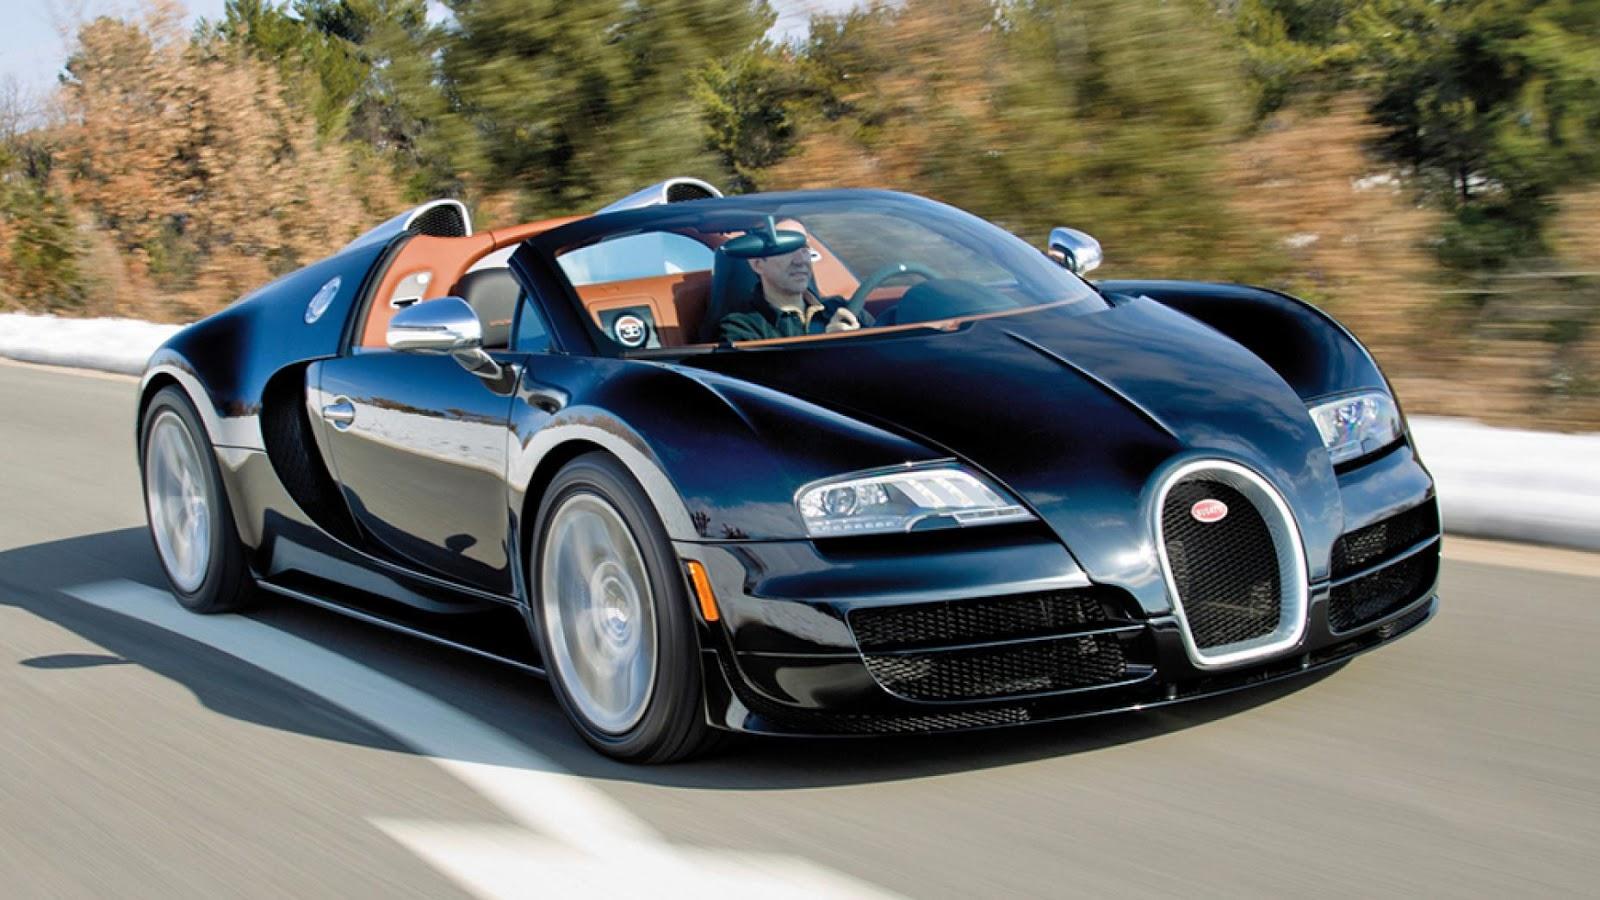 2: Bugatti Veyron Grand Sport Vitesse